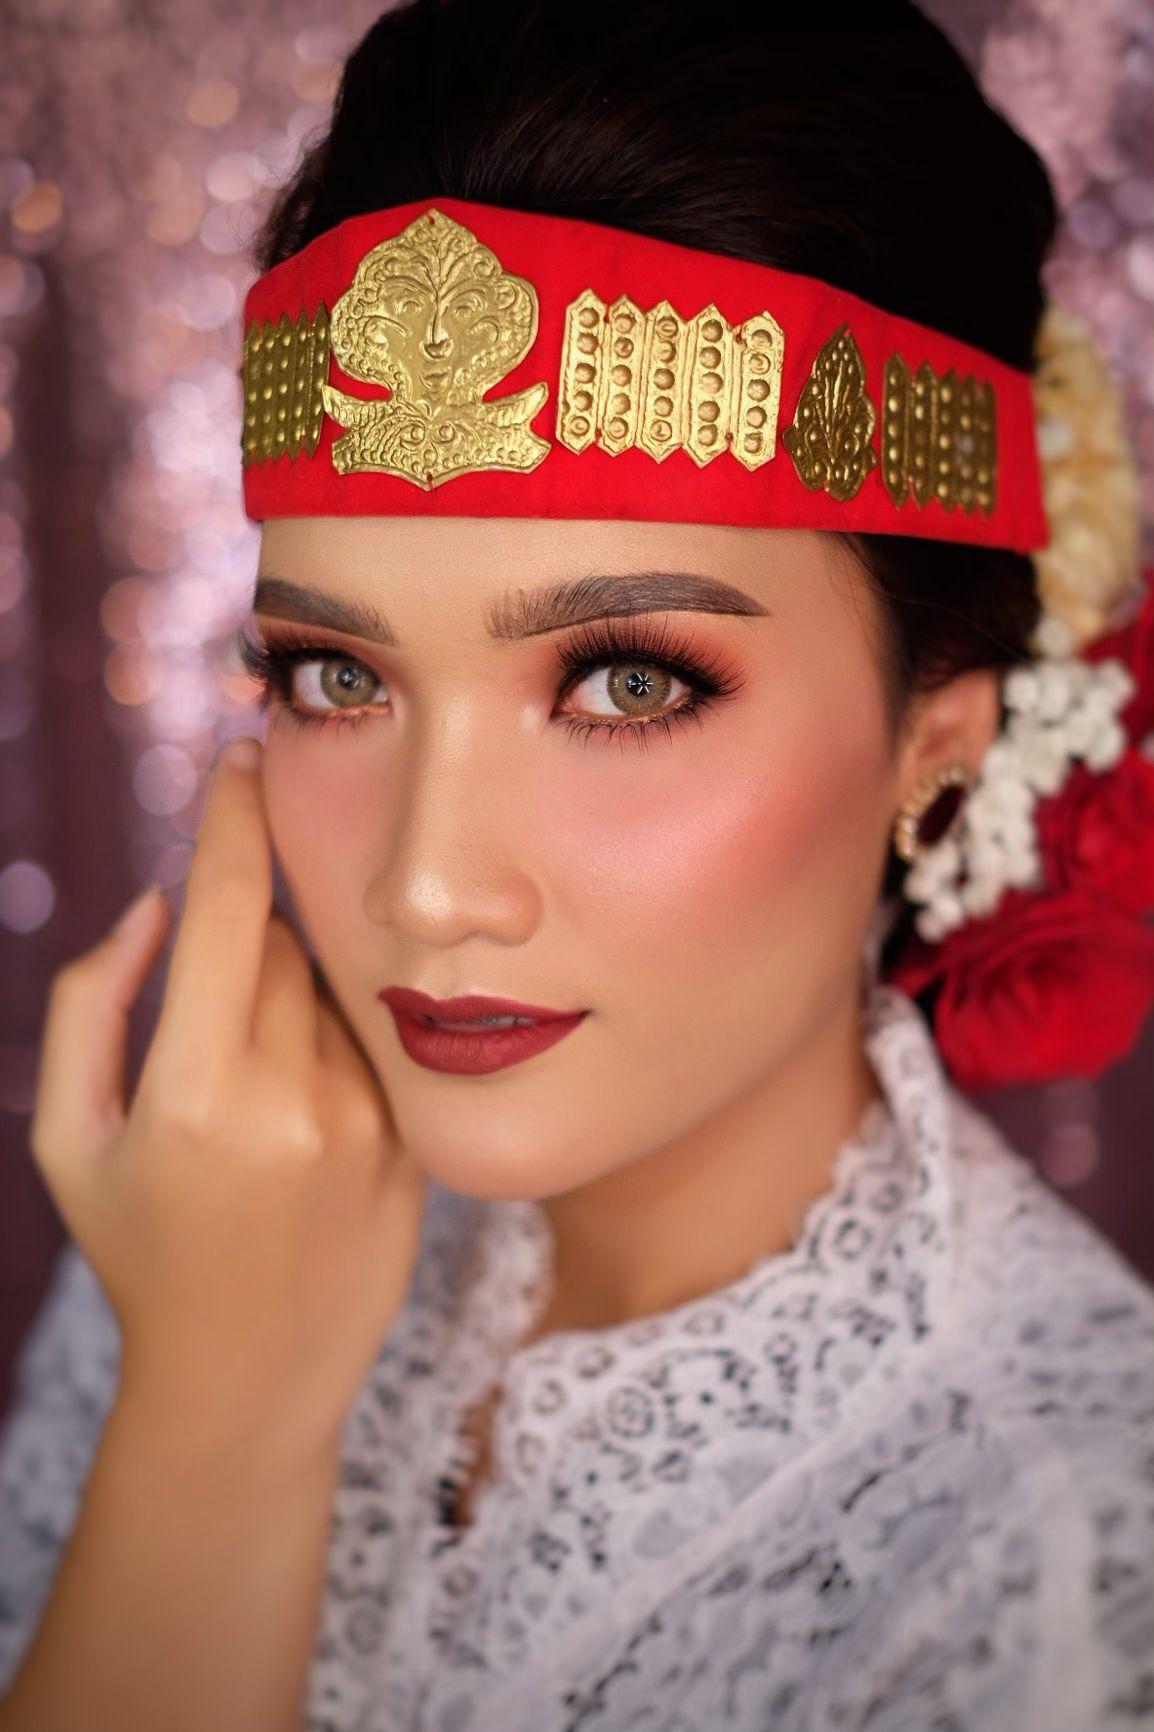 Pengantin Batak Toba Indonesianwedding Indonesianart Indonesia Batak Bataknese Sortali Pengantin Gaya Pengantin Make Up